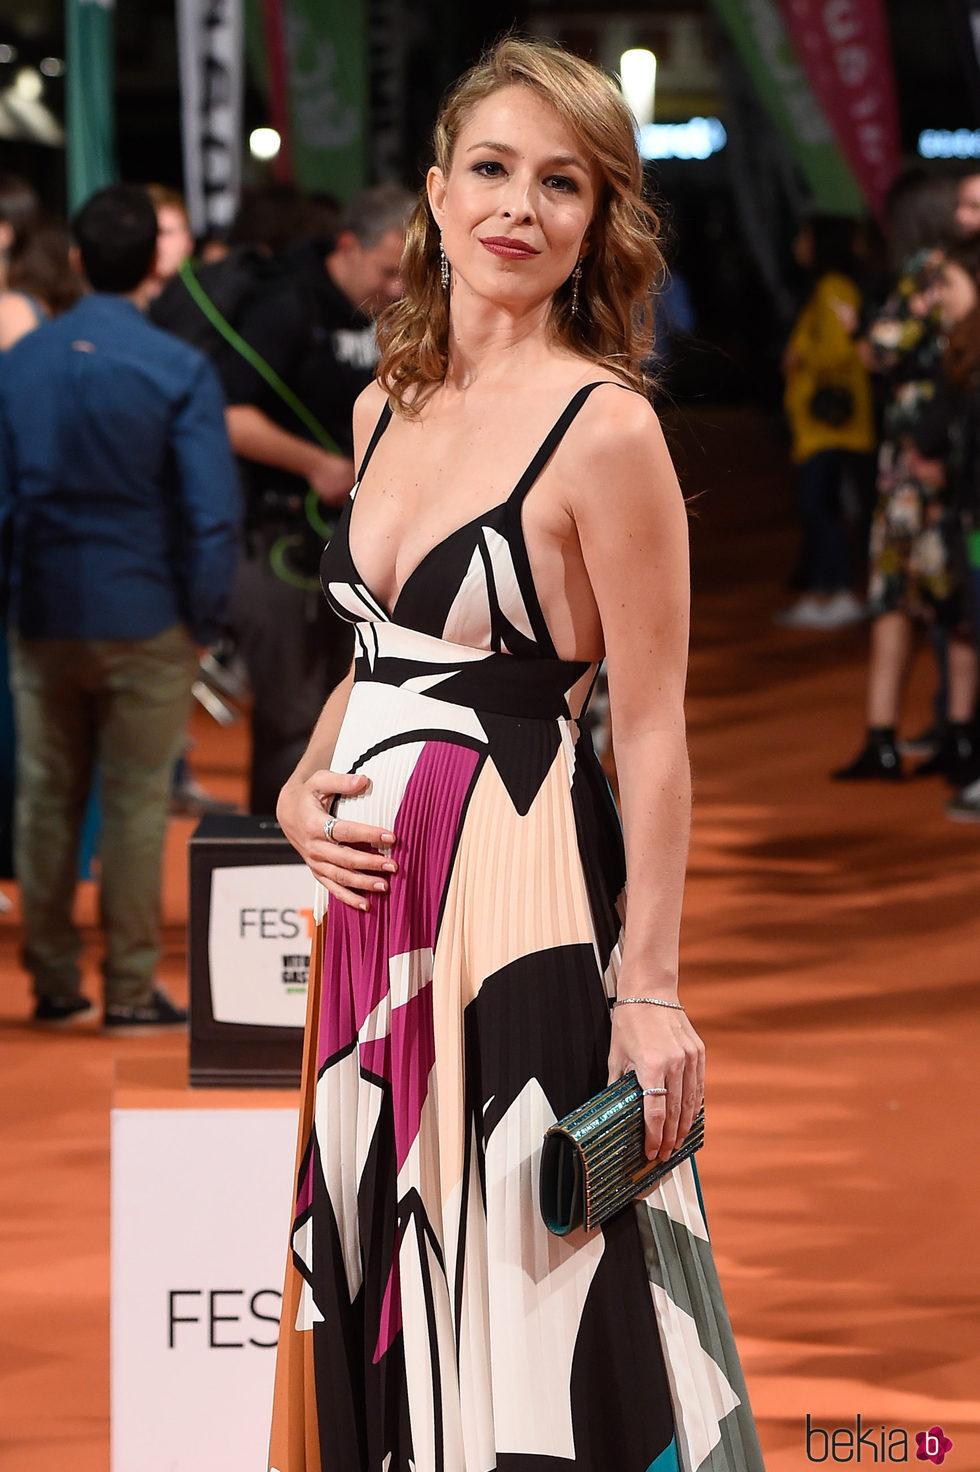 Silvia Abascal anuncia embarazo en el FesTVal de Vitoria 2017